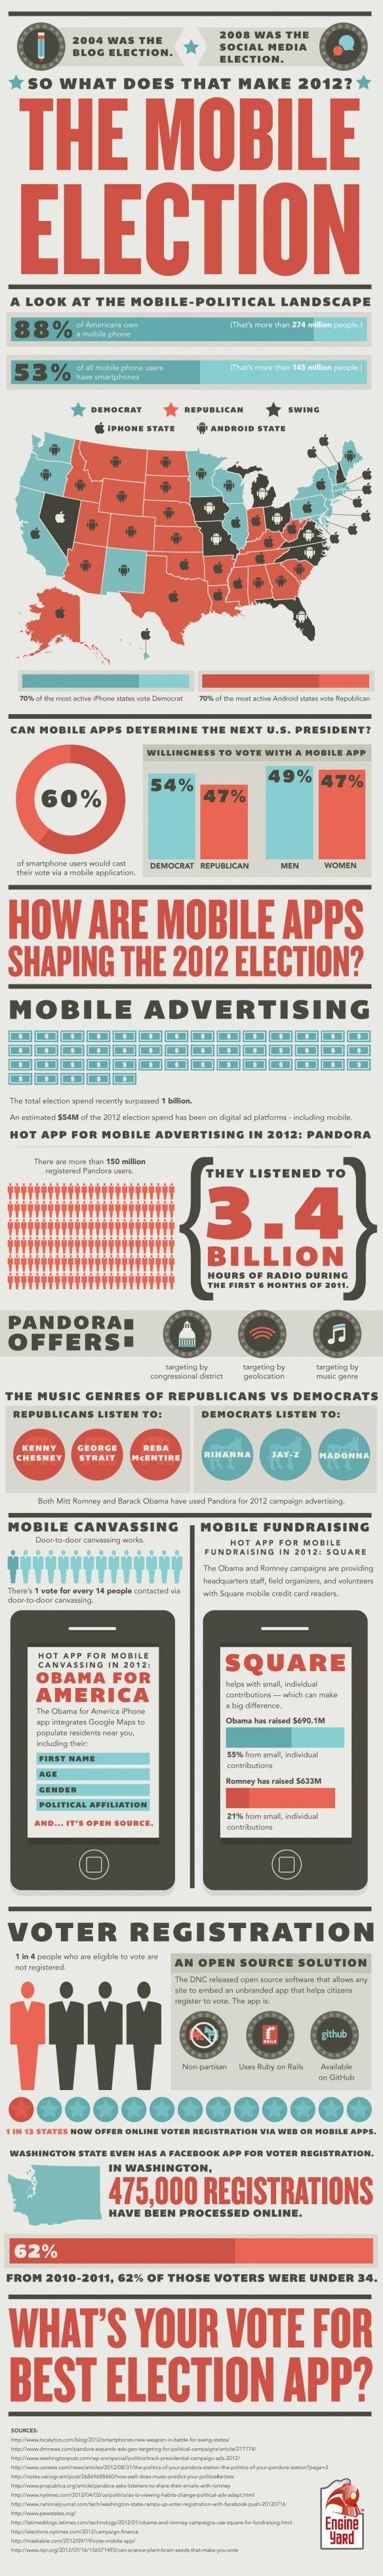 2008 was the Social Media Elec